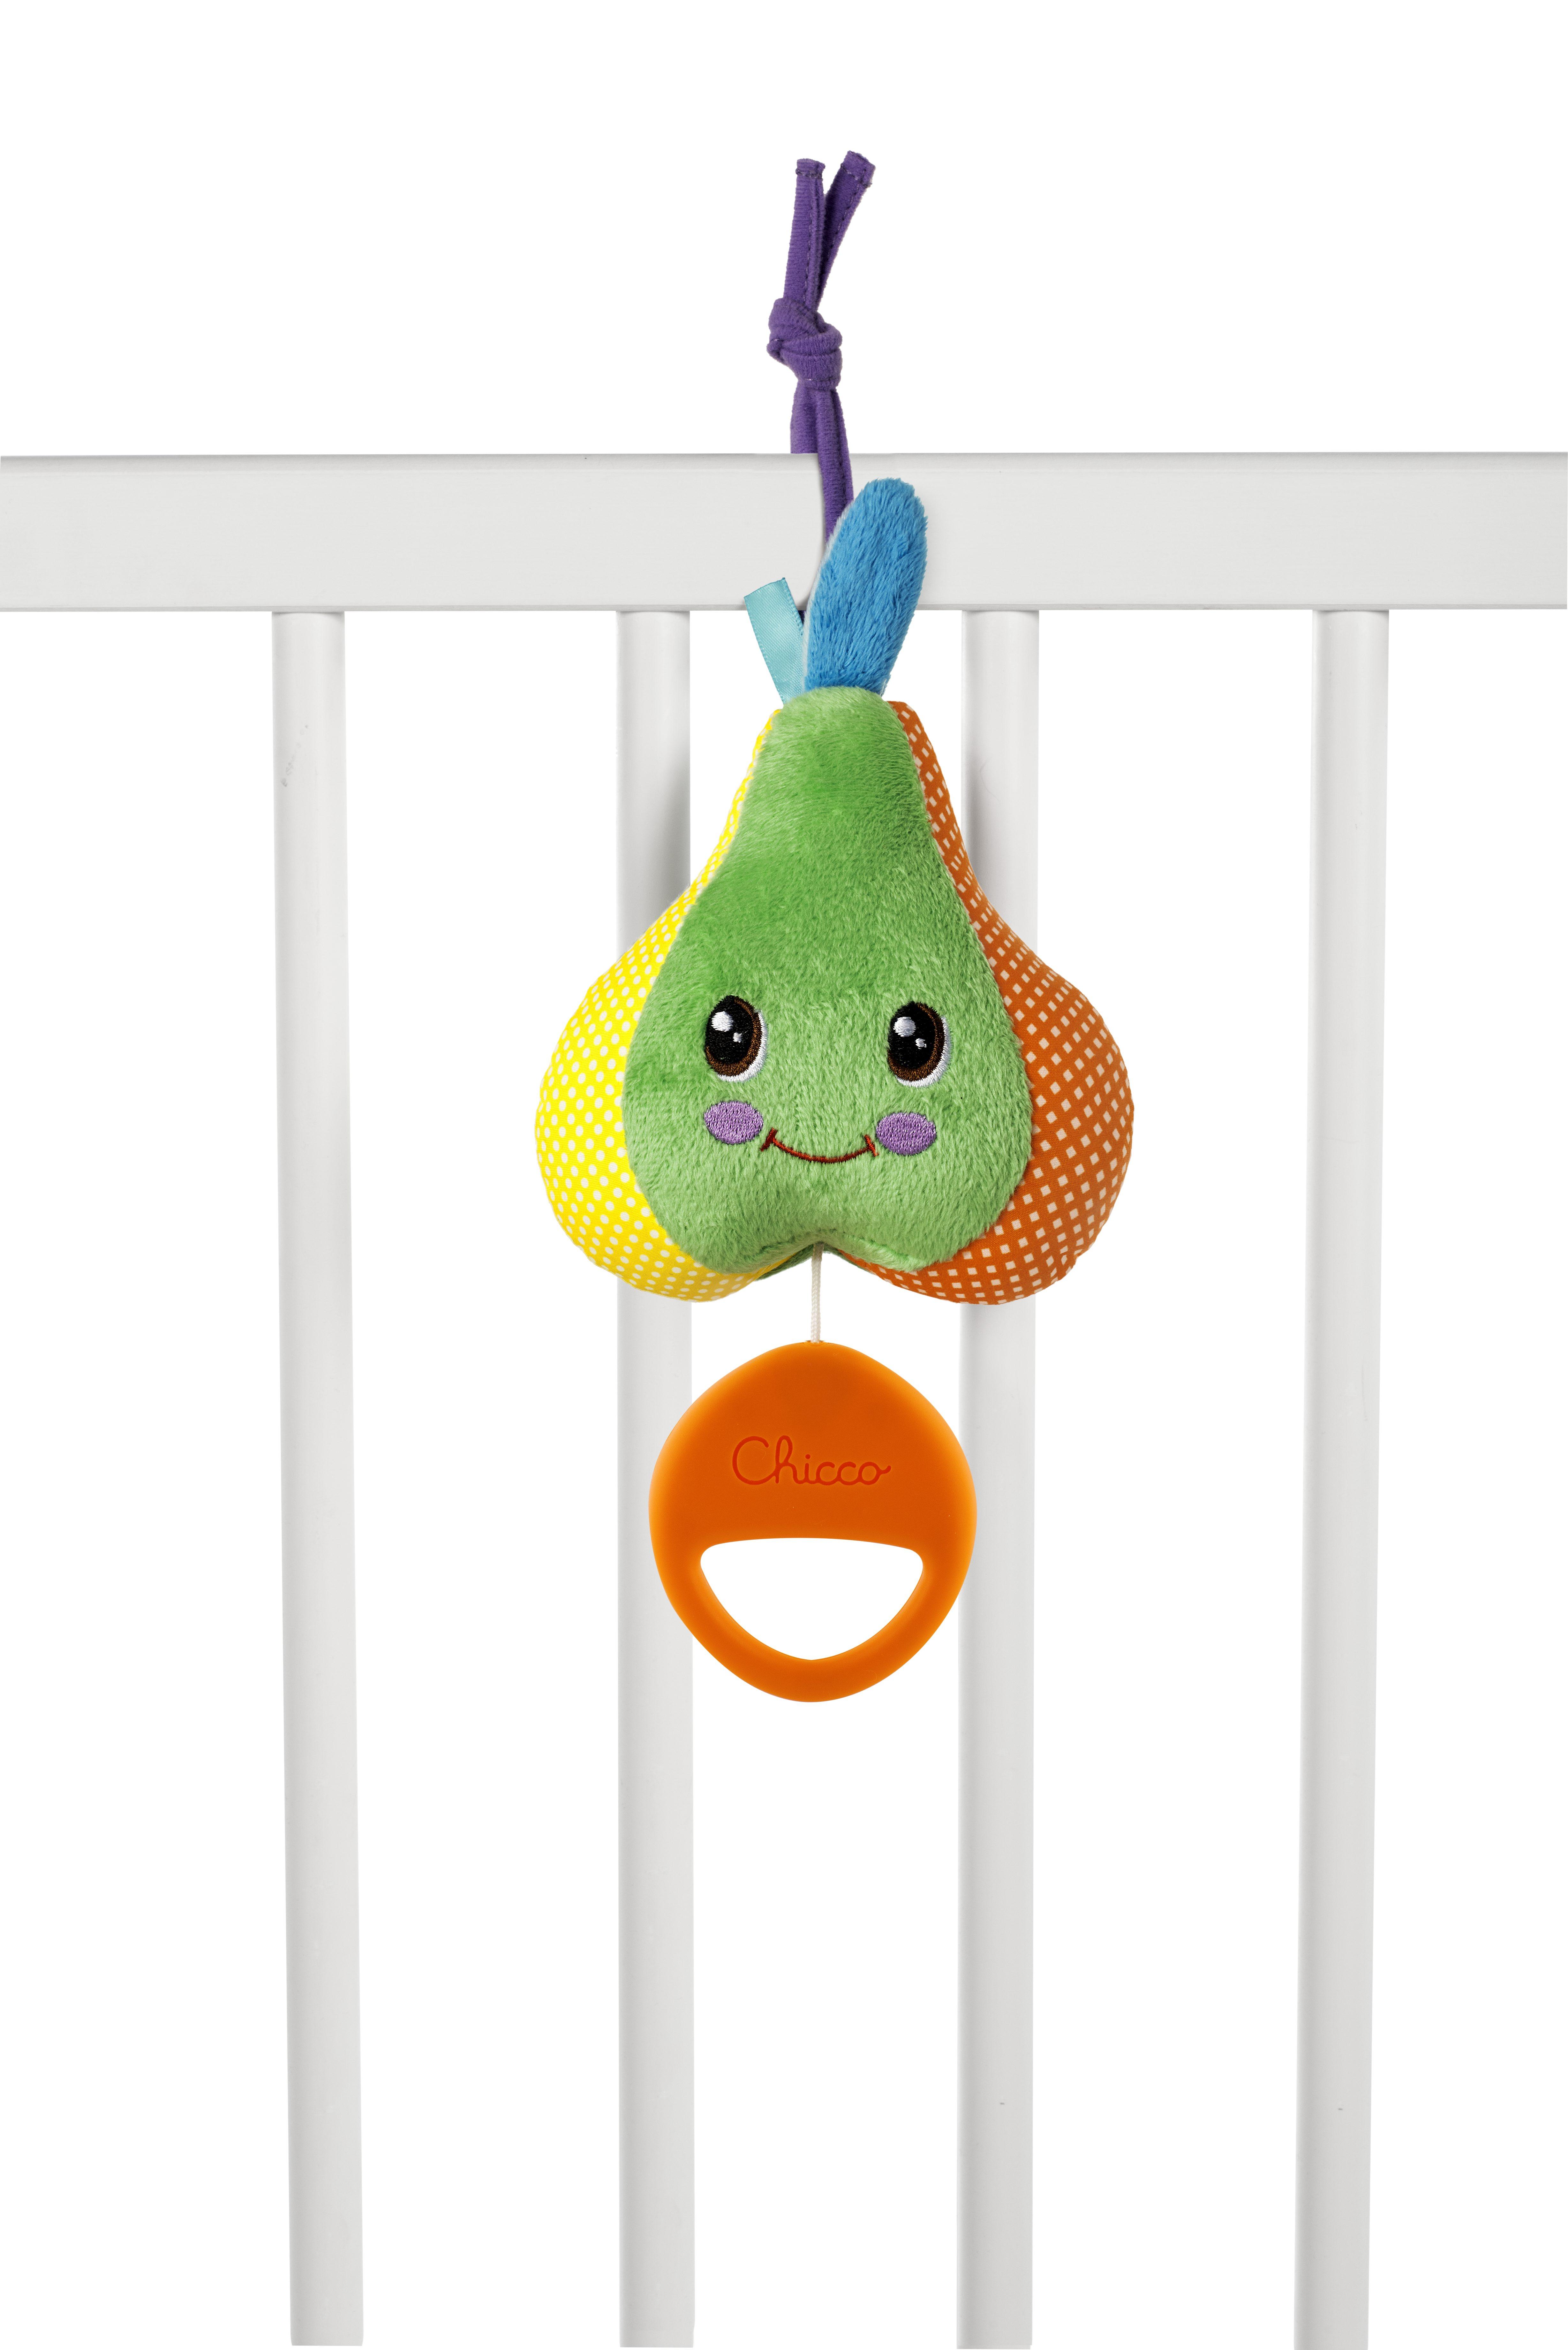 Carillon dolce pera - chicco - toys center - Chicco